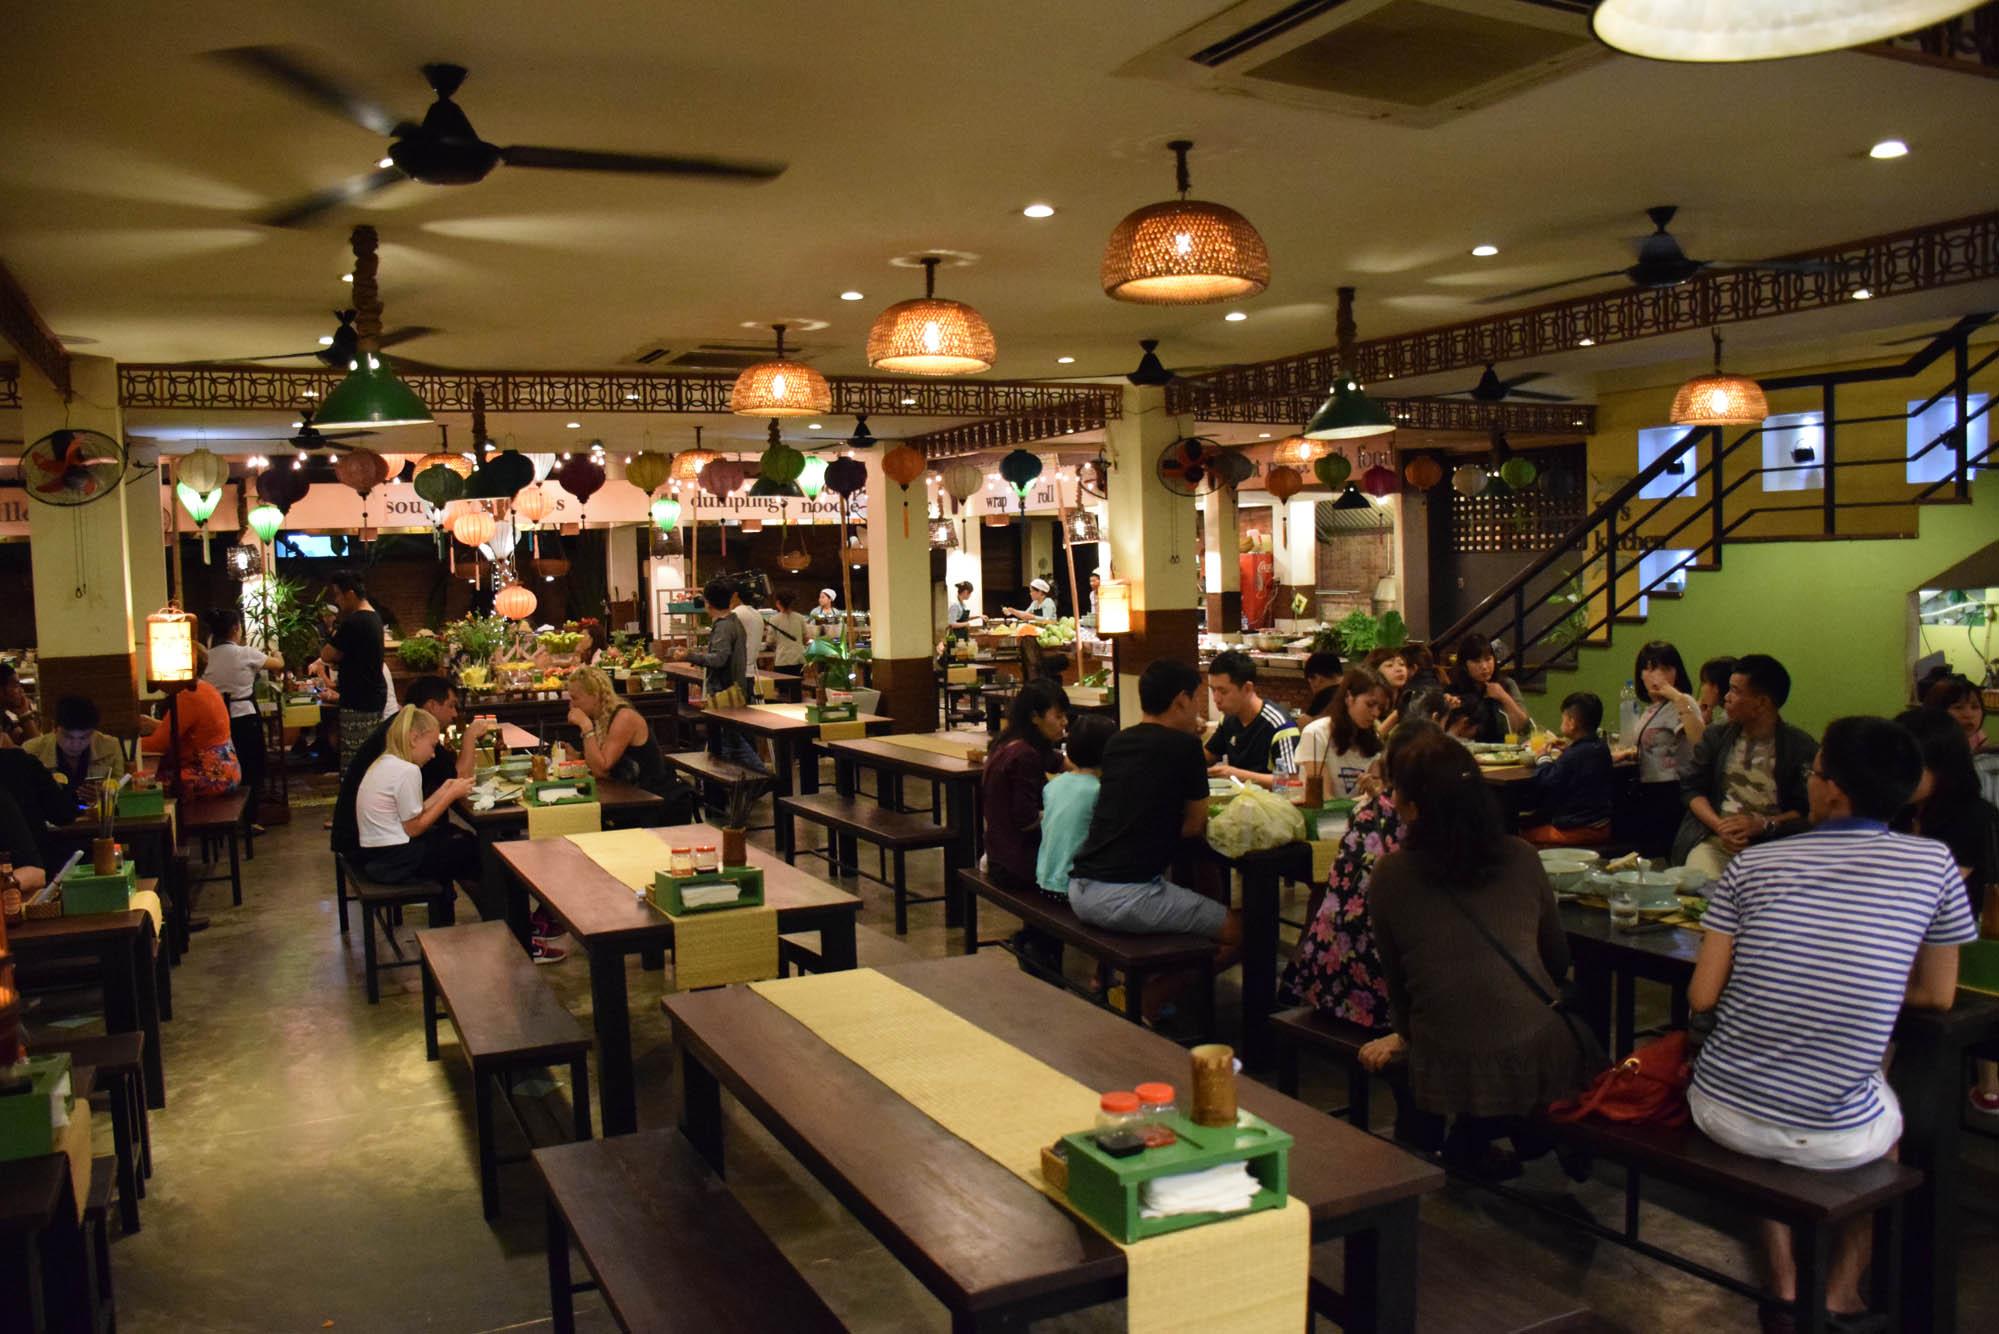 Vys Market - restaurante em Hoi An para provar todas as delícias vietnamitas